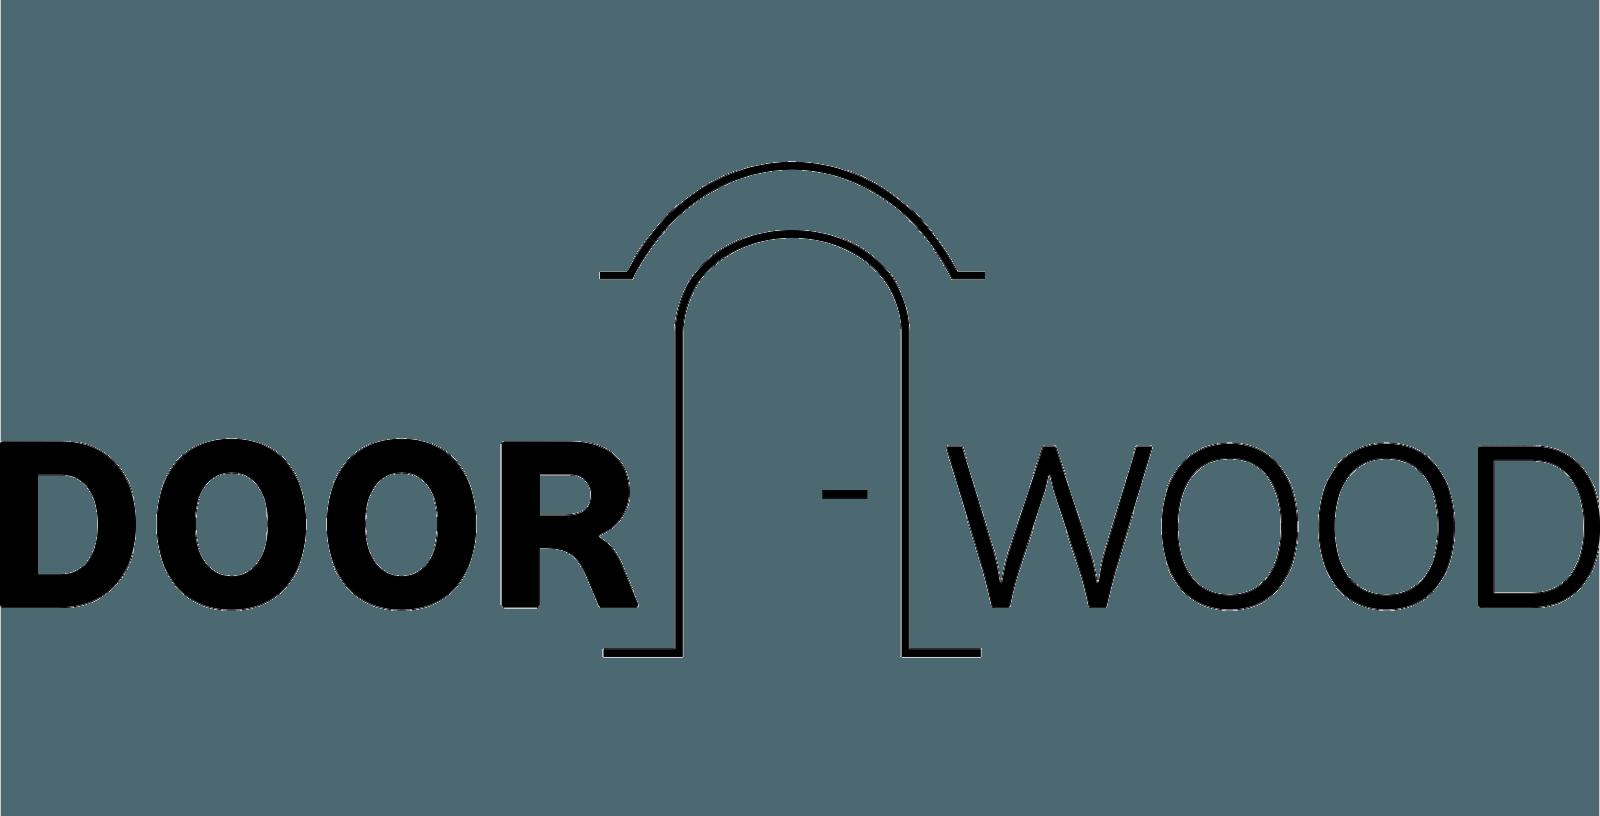 Межкомнатные двери и фурнитура для дверей - Фабрика дверей DoorWooD™ 1